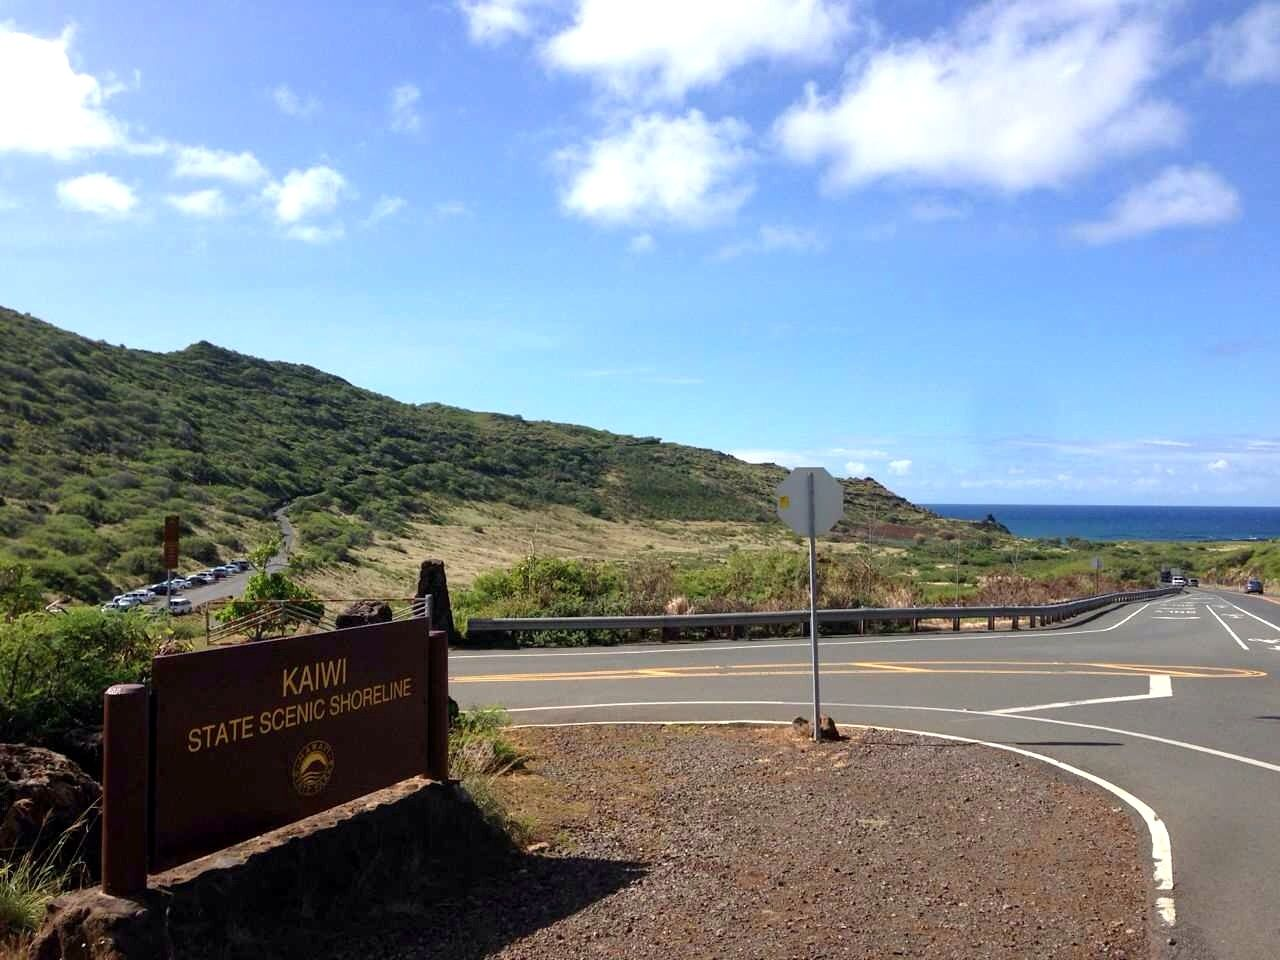 ハワイの景色を楽しみながら登れるハイキングコース